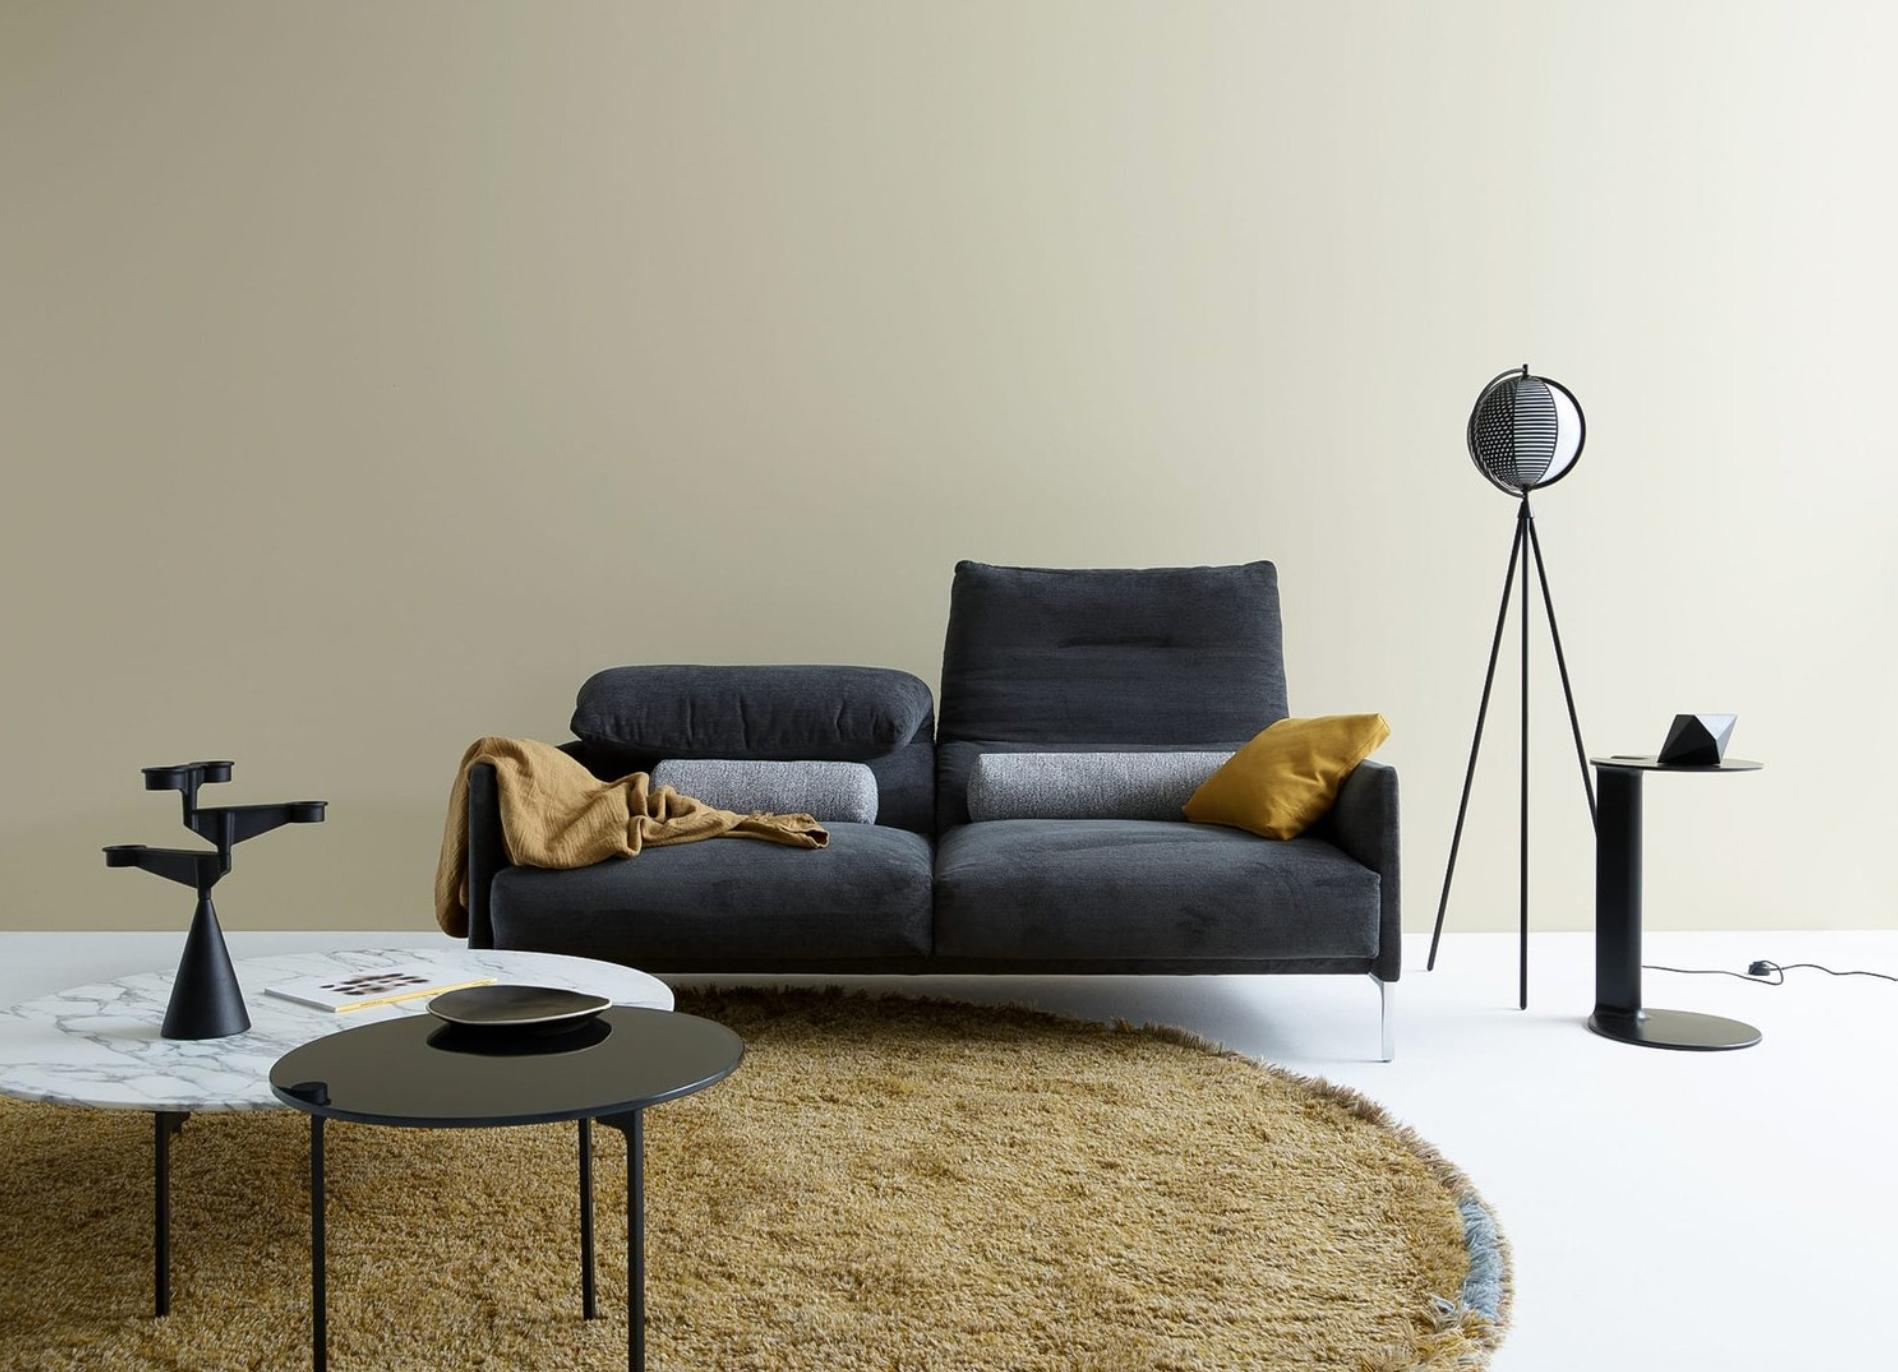 Avalanche zetel van COR in design meubelwinkel Loncin in Hasselt, Sint-Truiden en Leuven  design zetel en sofa Brussel Brabant Antwerpen Mechelen Limburg Maastricht  1.png